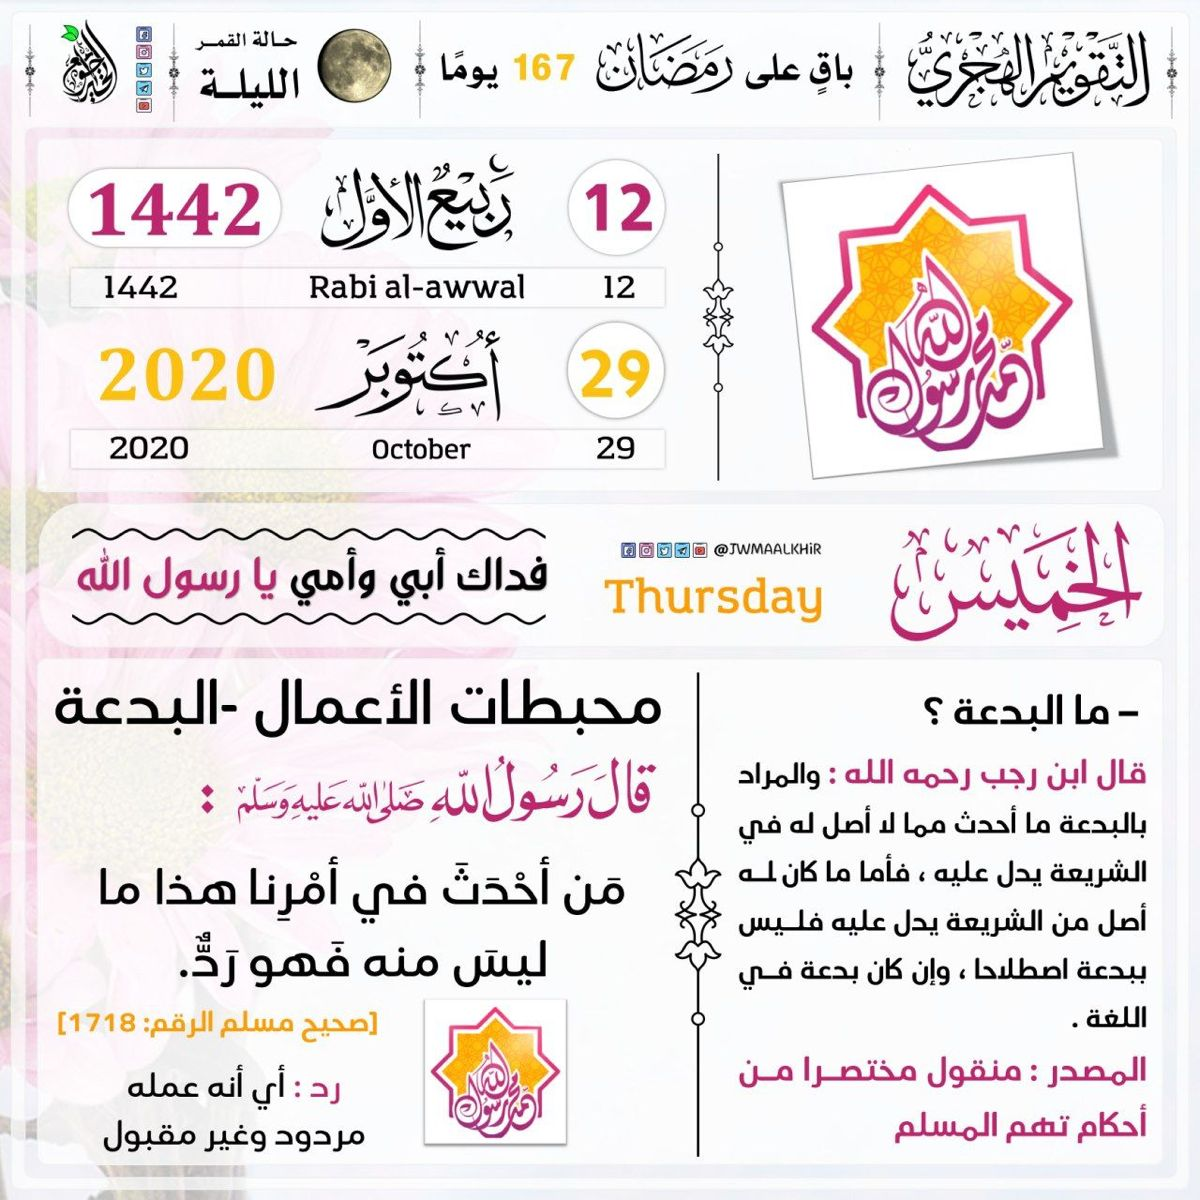 التذكير اليومي بـ التقويم الهجري الخميس 12 ربيع الأول 1442هـ الموافق لـ 29 أكتوبر2020م باق على رمضان 167 يوم ا فداك أبي Bullet Journal October 29 Islam